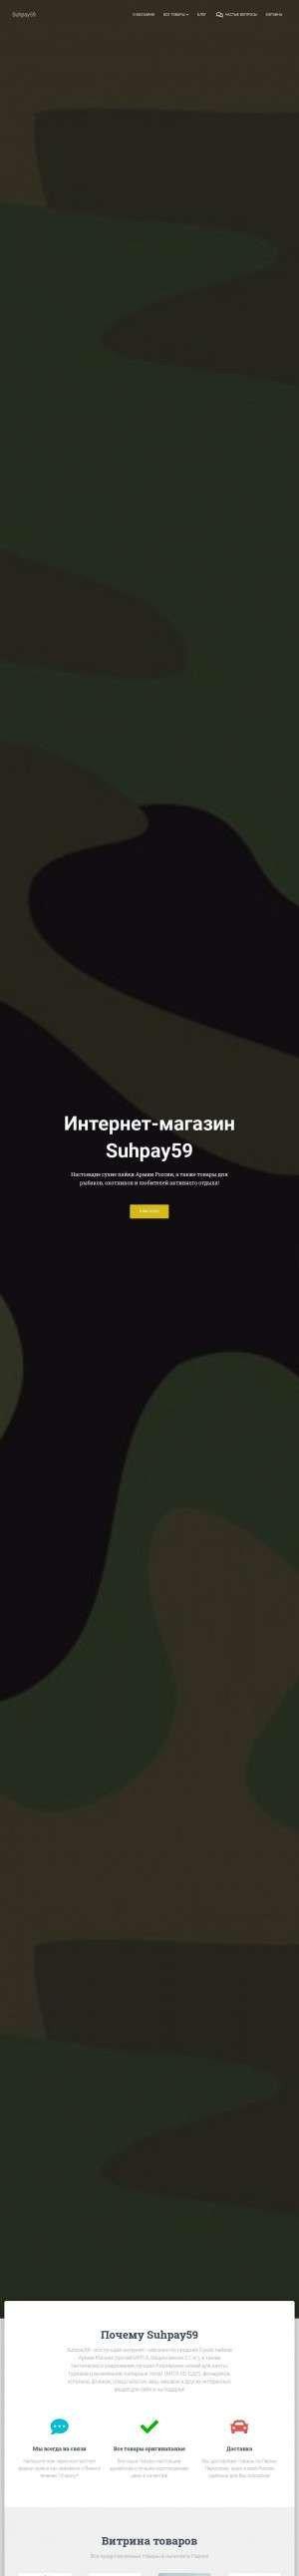 Предпросмотр для сухой-паек-пермь.рф — Suhpay59